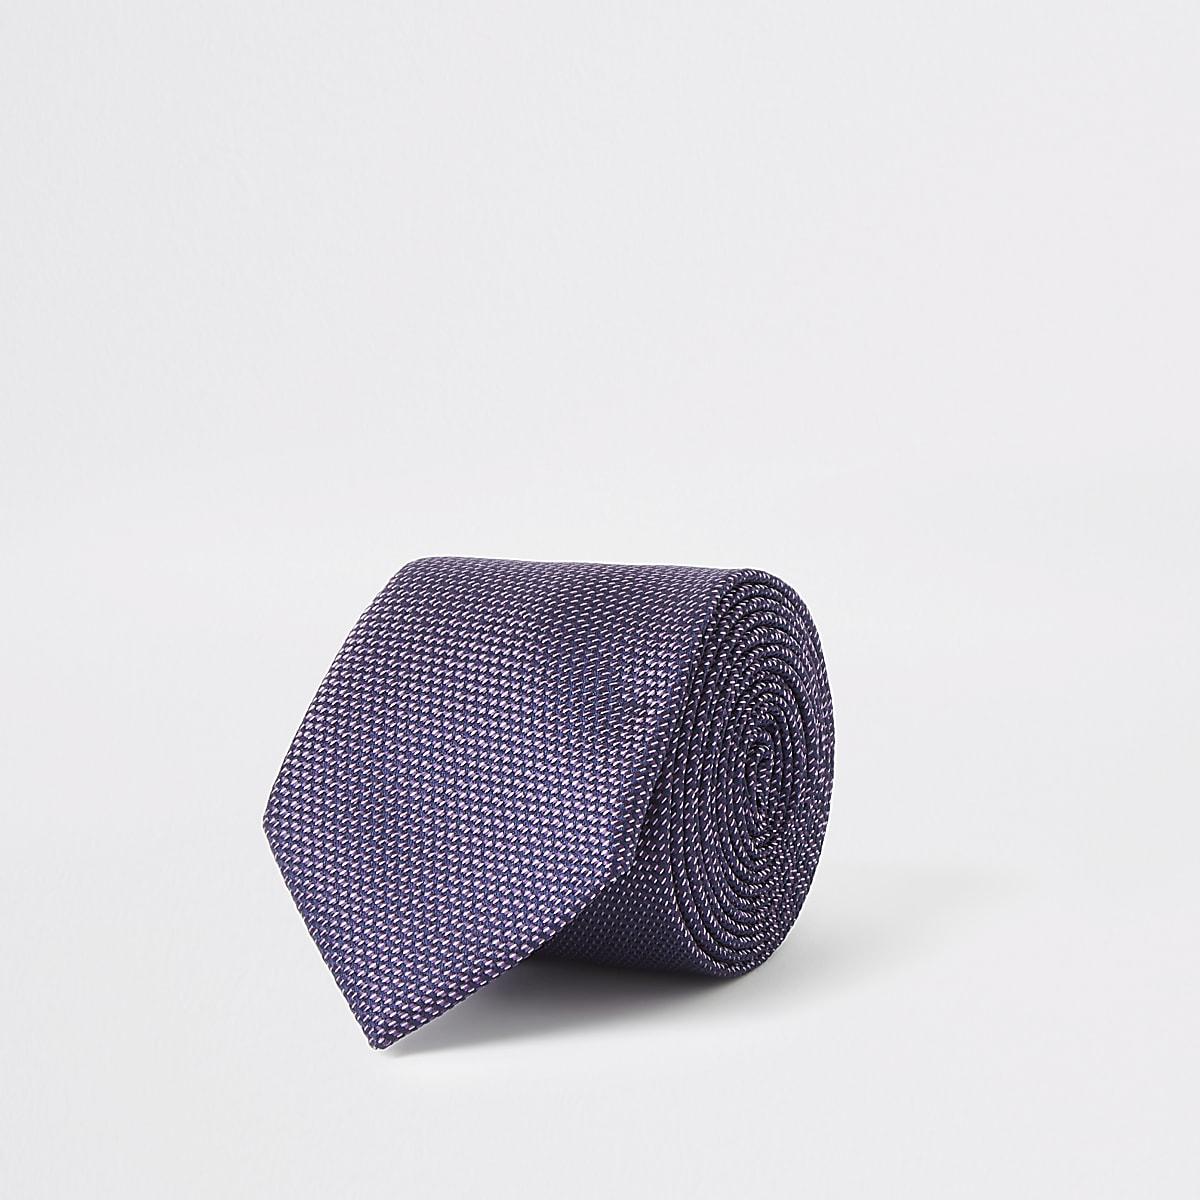 Strukturierte Krawatte in Lila